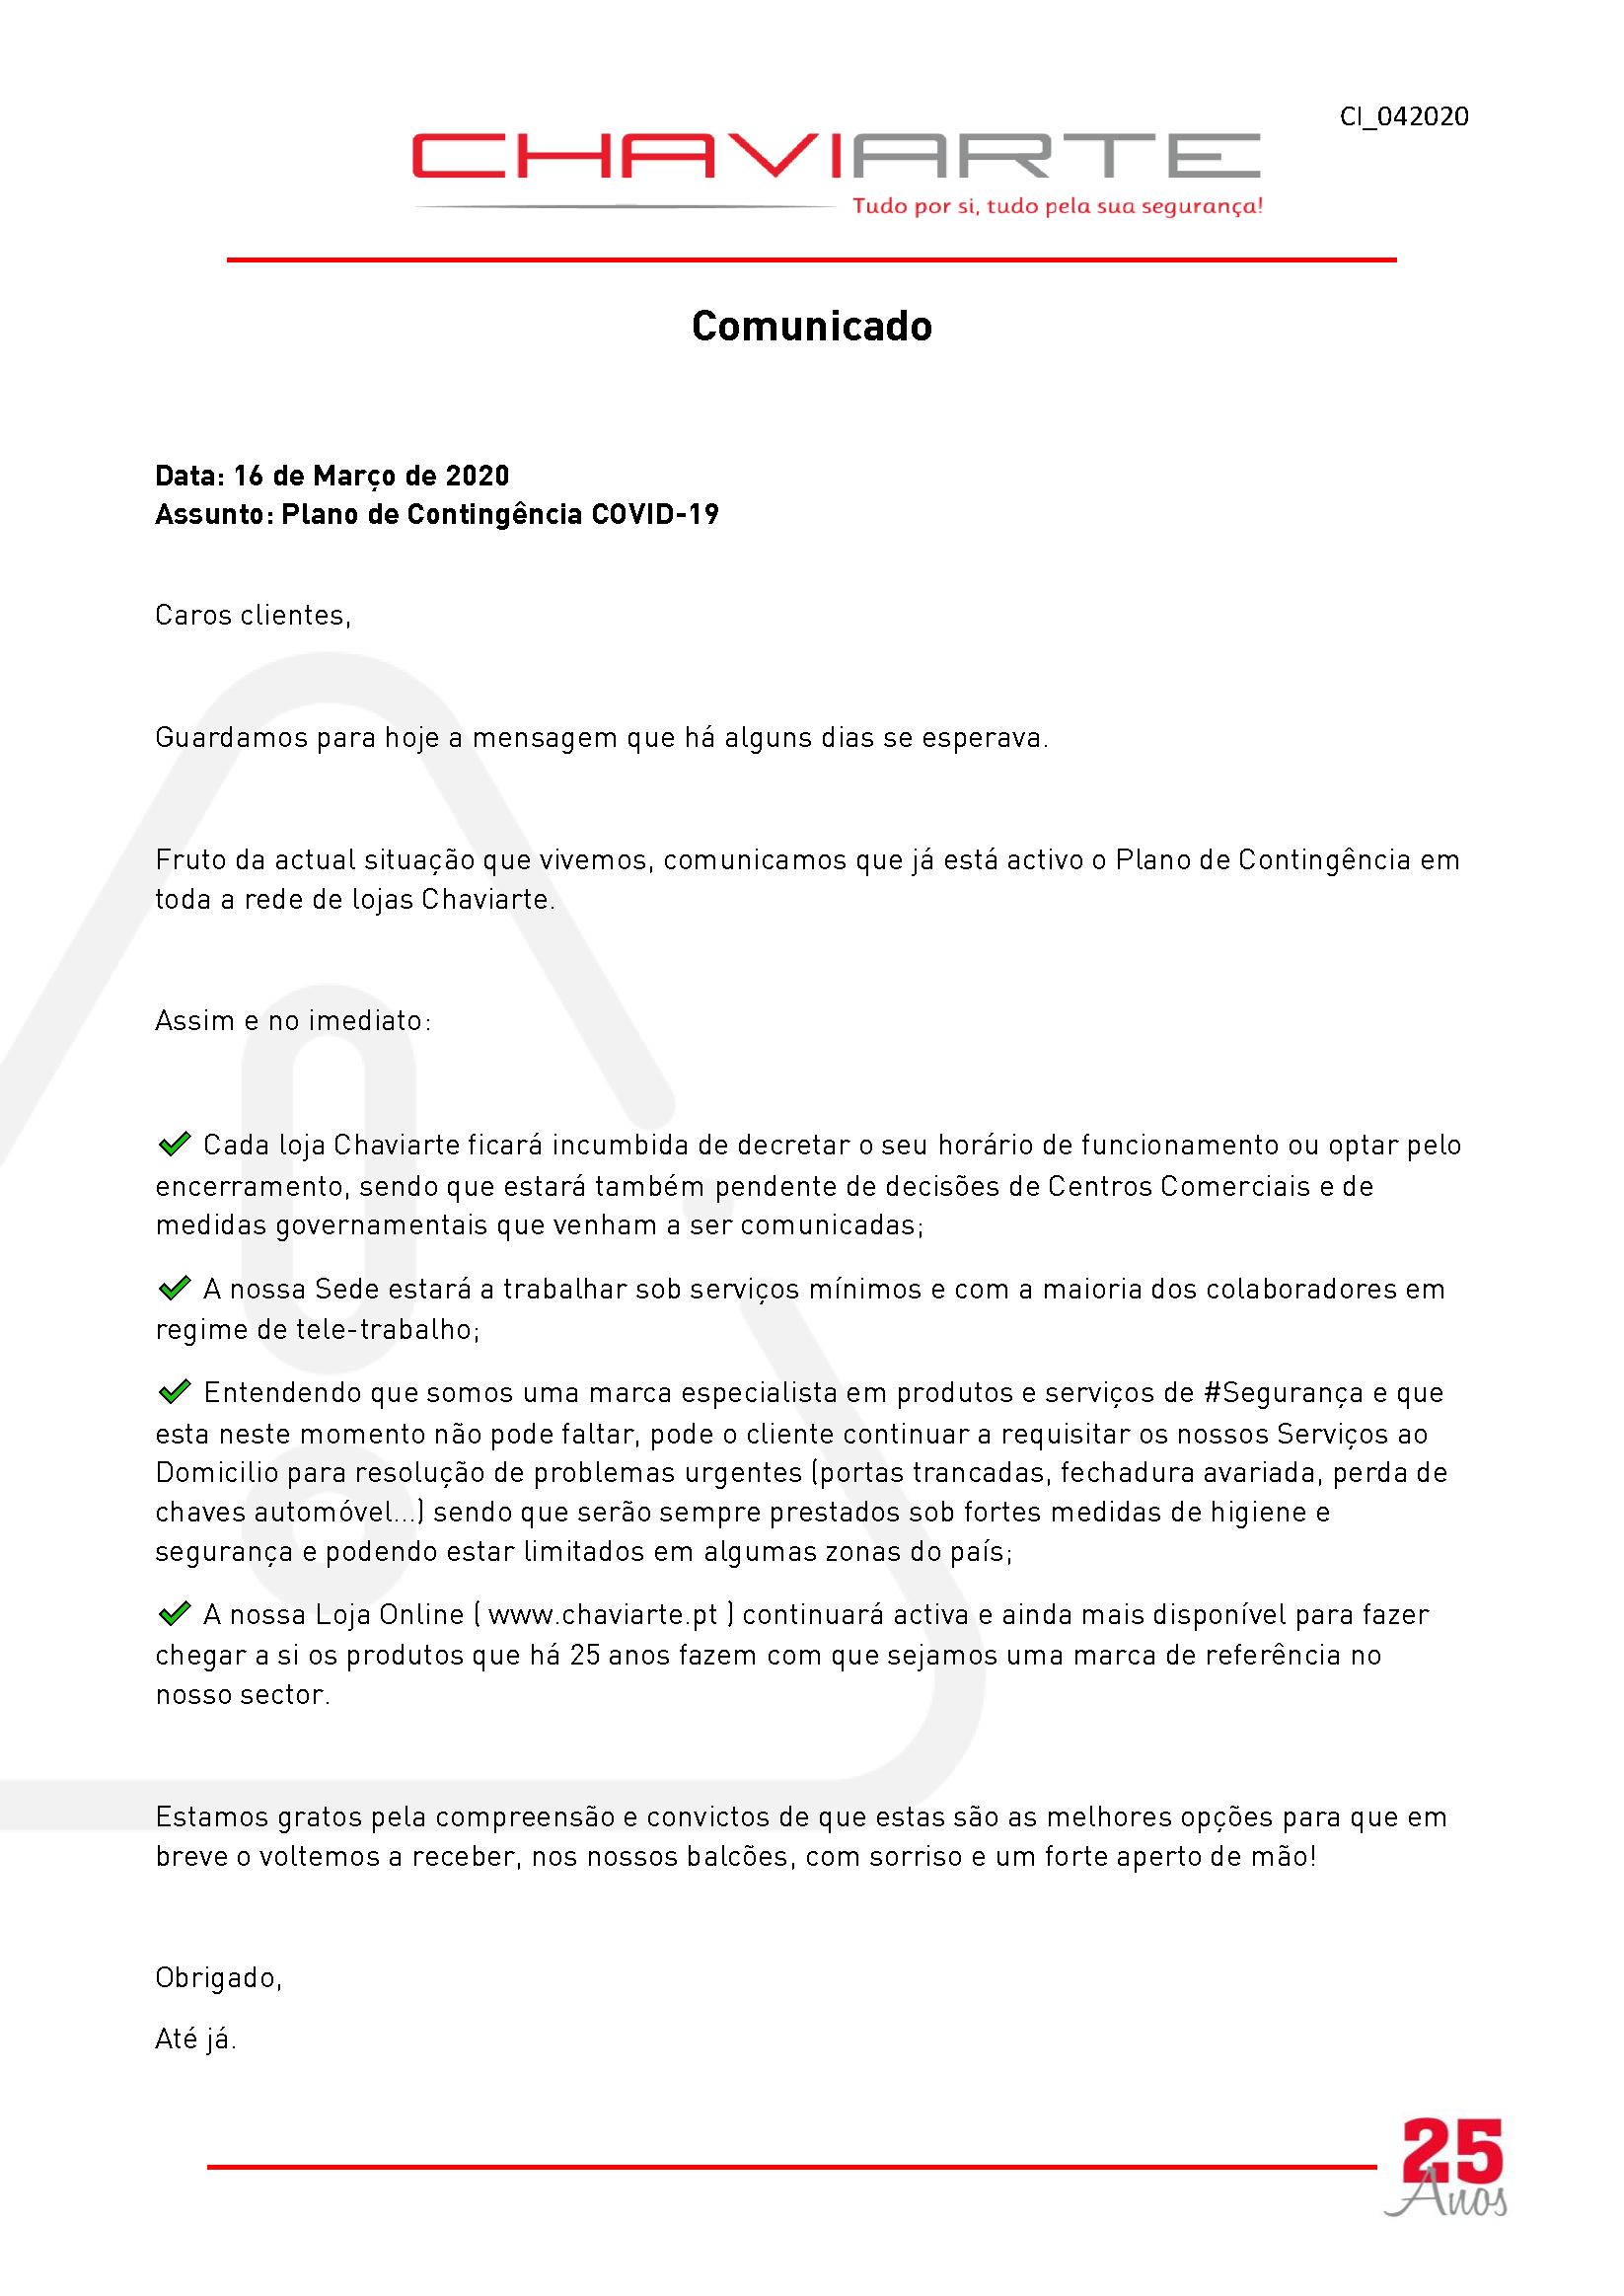 Comunicado: Plano de Contingência COVID-19